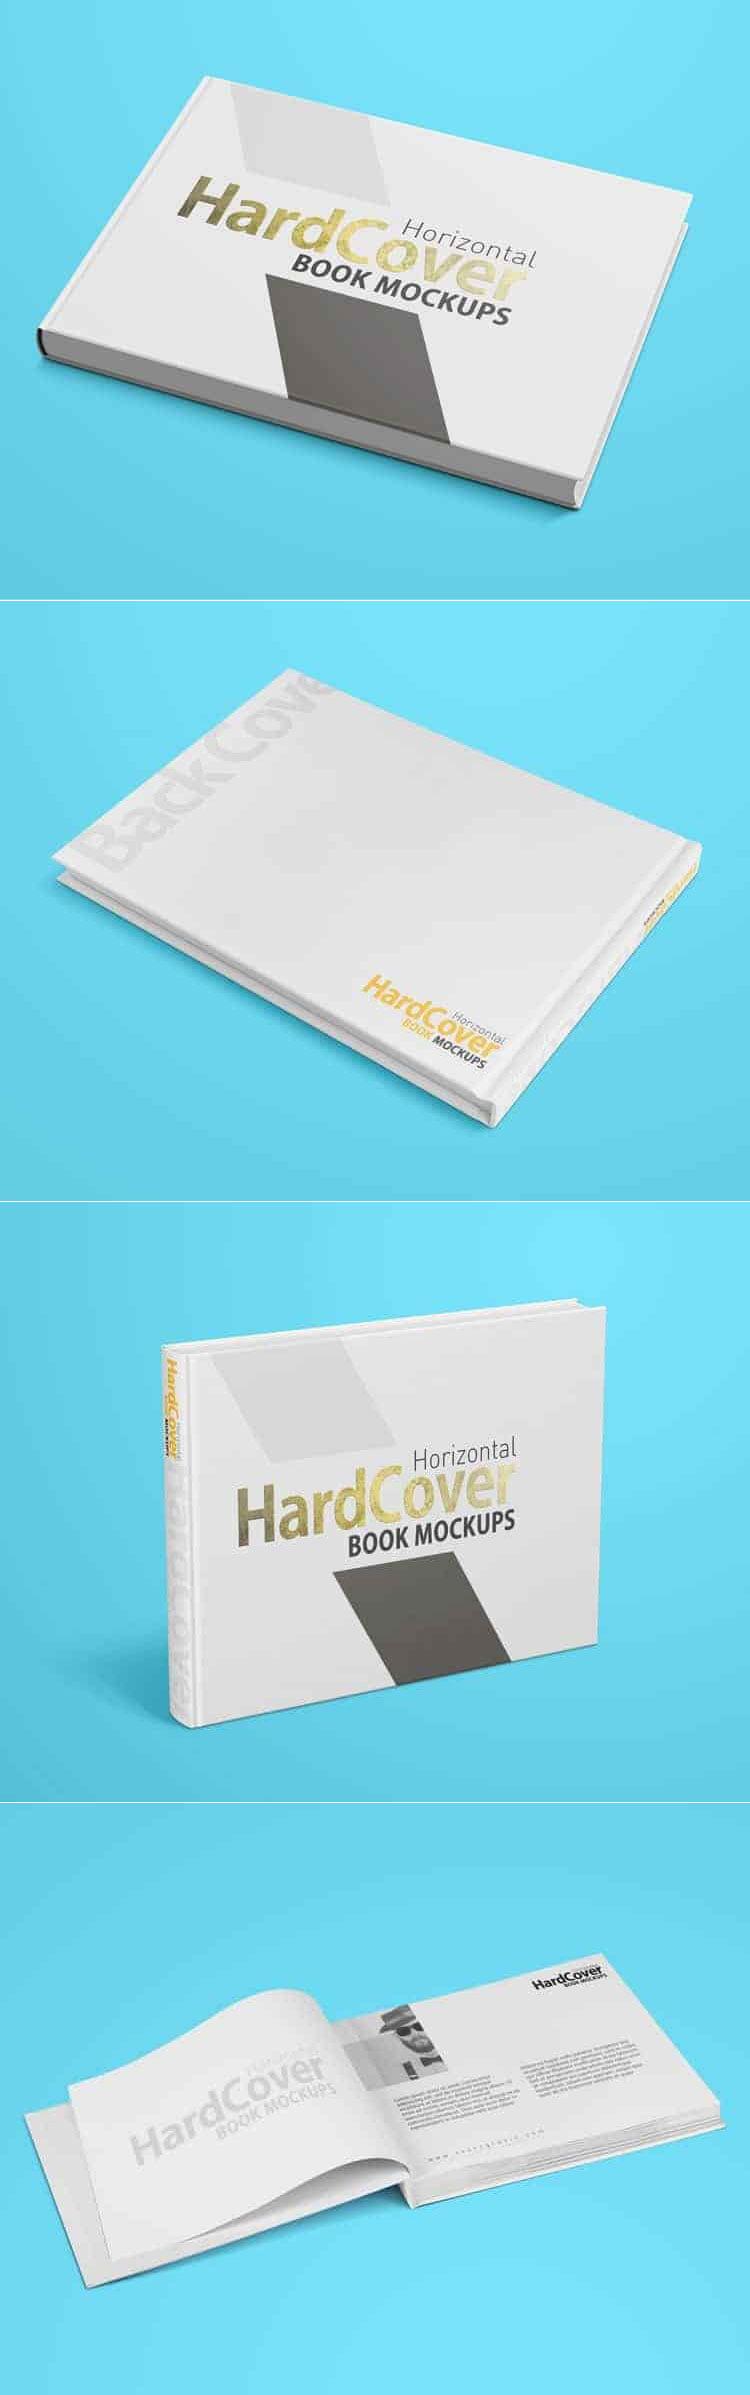 Free Landscape Hardcover Book Mockups